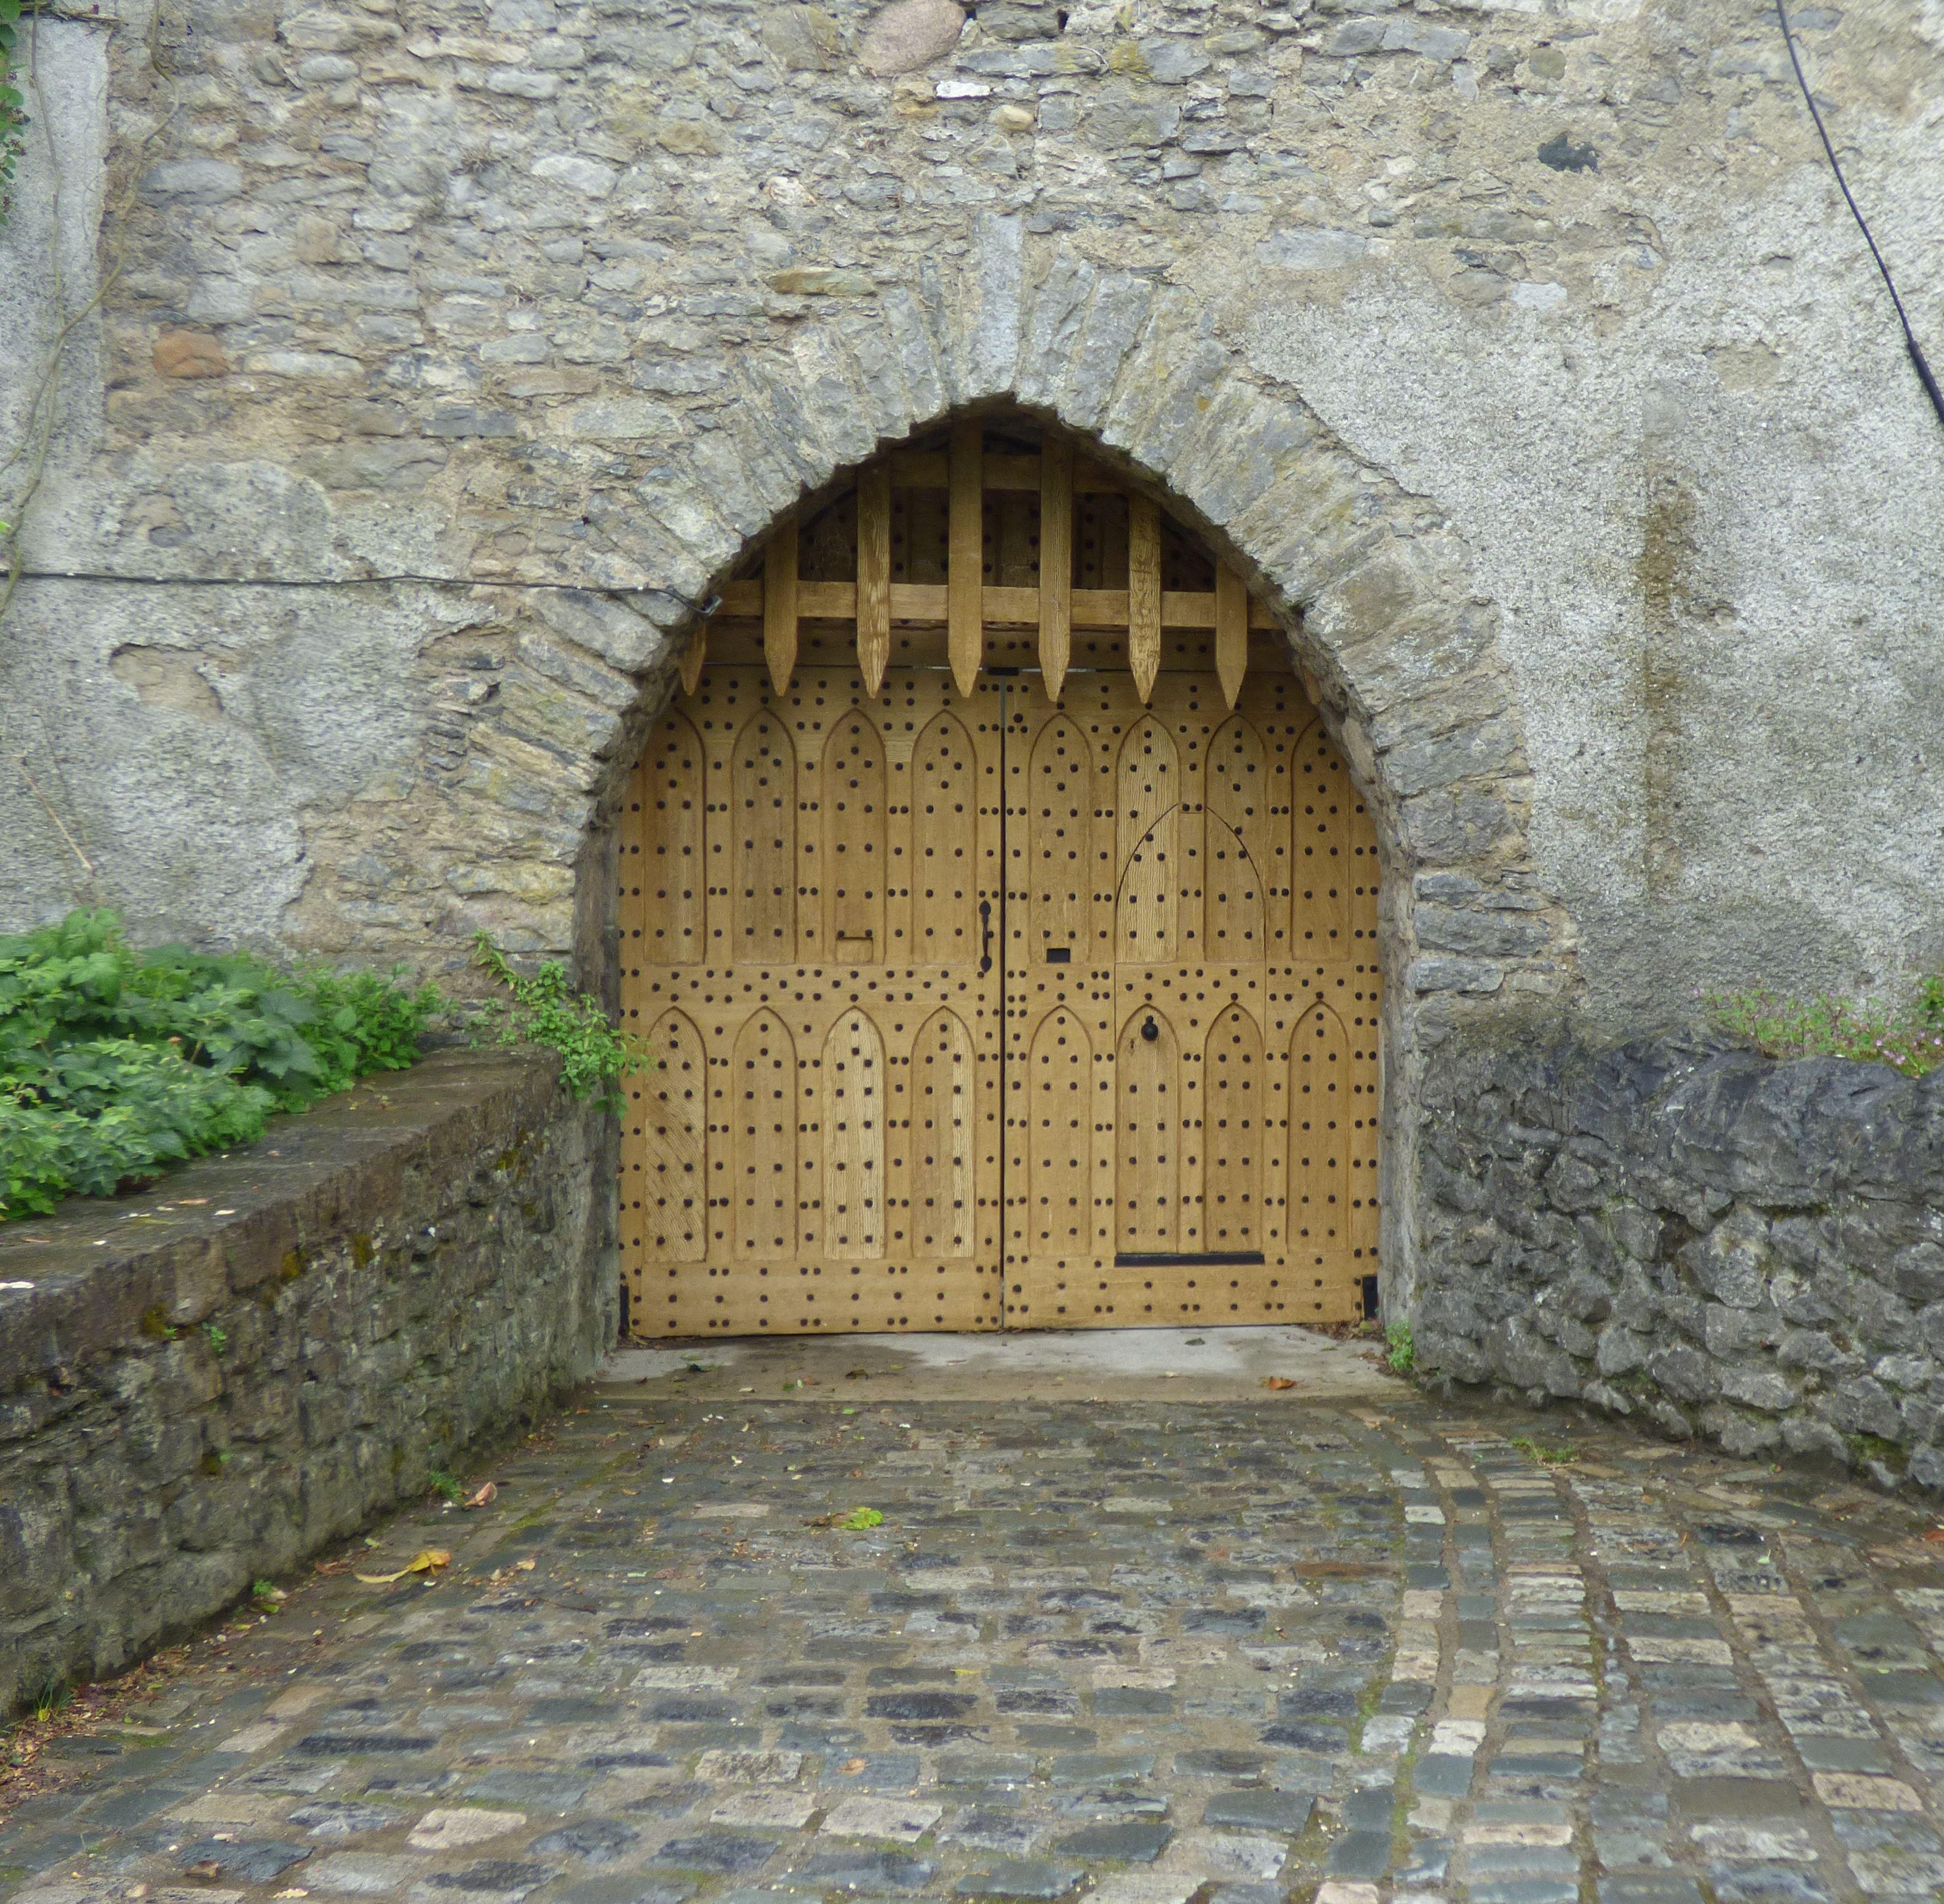 rock edificio antiguo pared piedra monumento arco entrada castillo turismo capilla exterior atraccin turismo